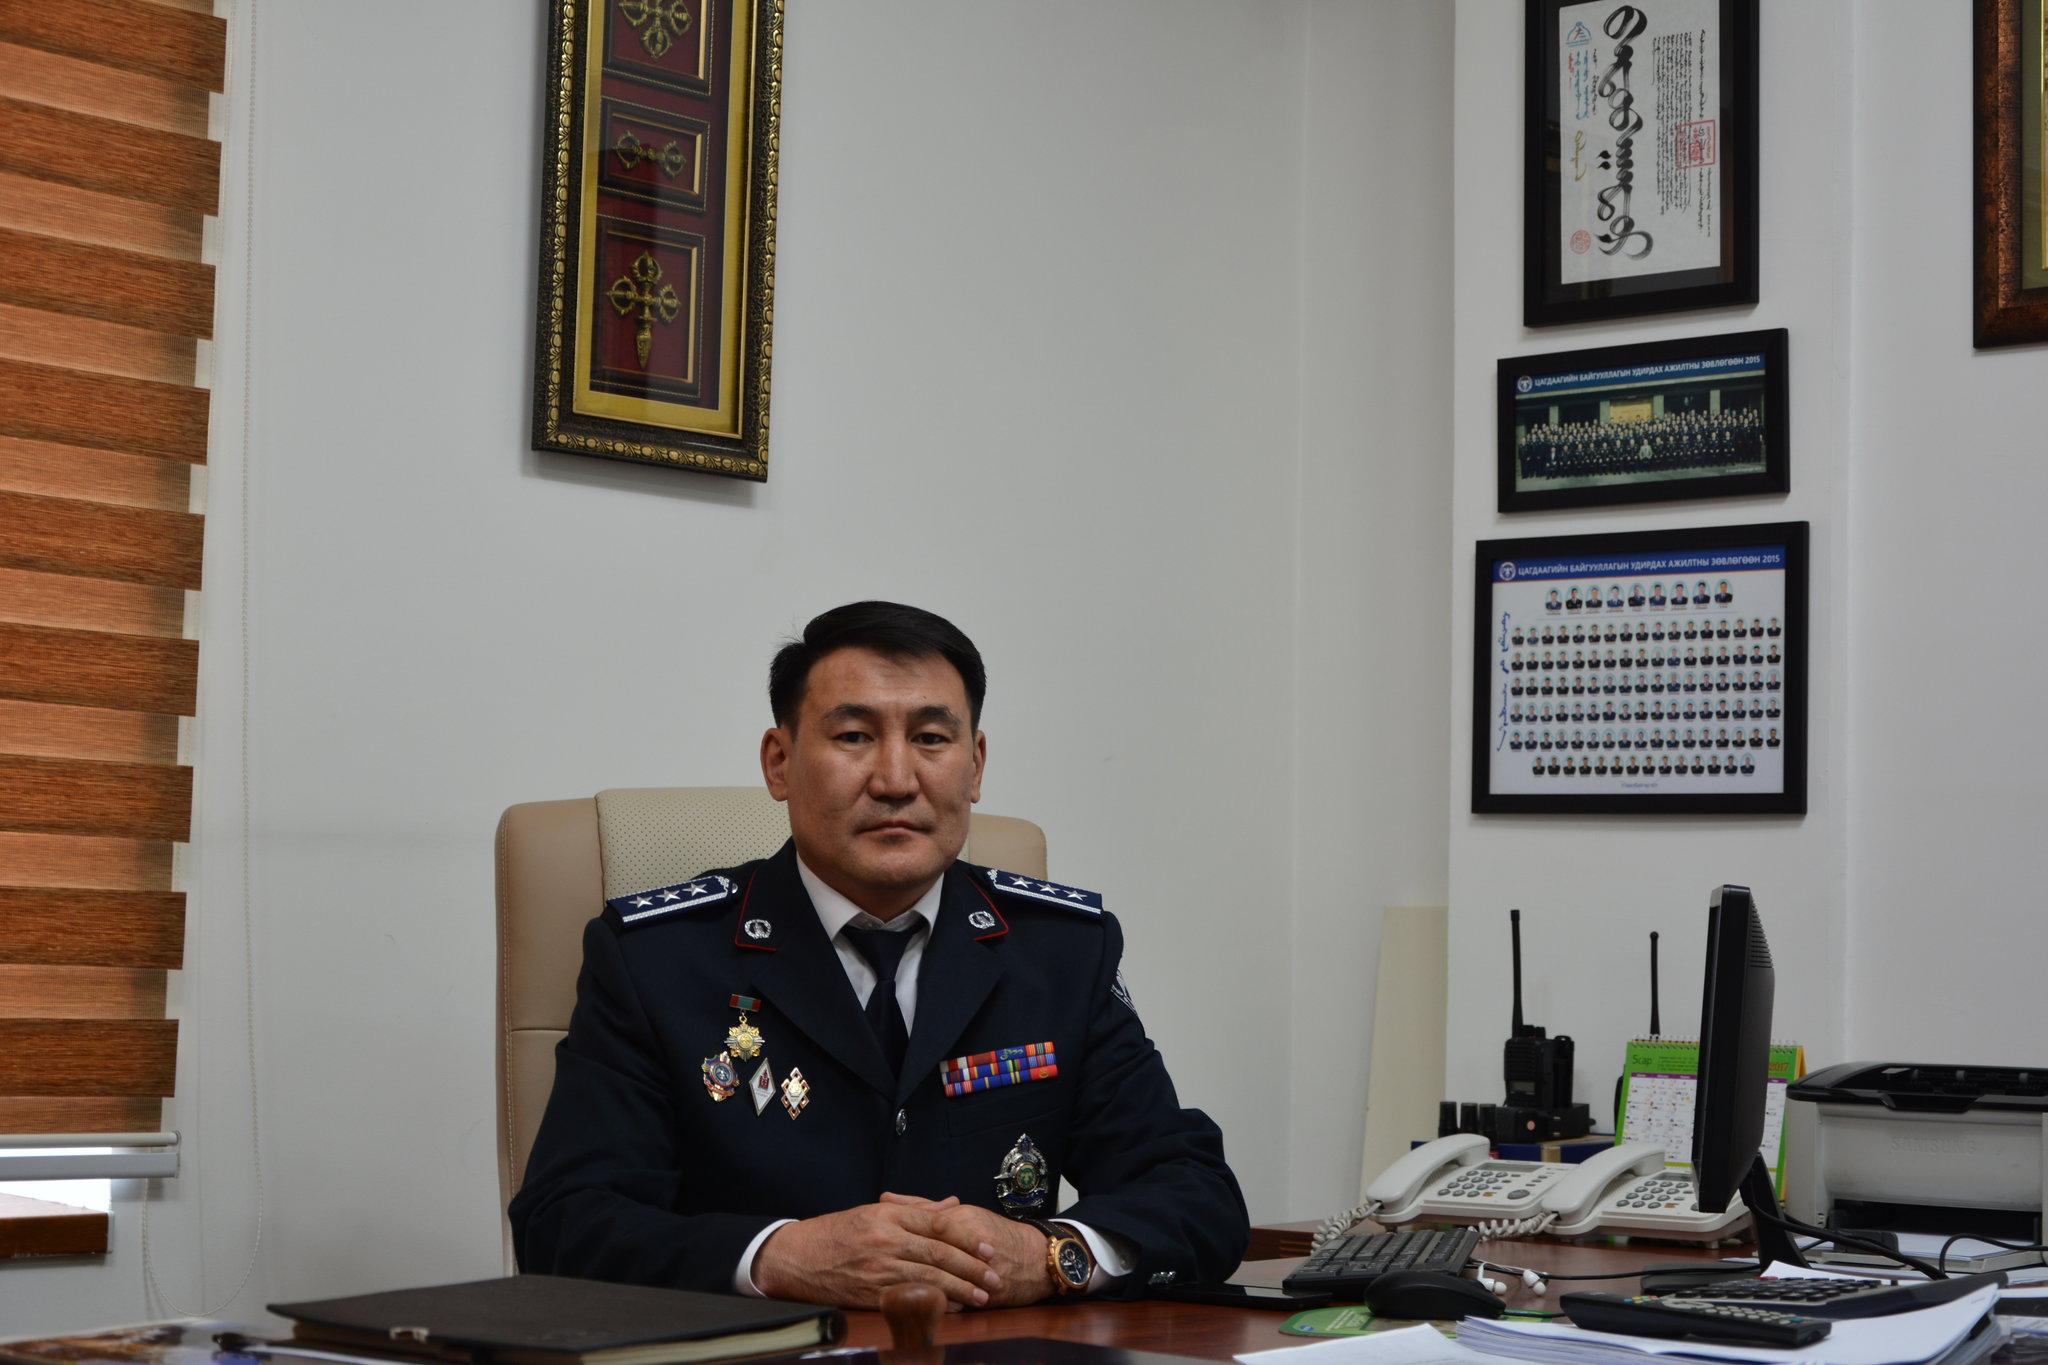 Цагдаагийн хурандаа П.Батбаатар: Цар тахлын үед ажилласан цагдаагийн байгууллагын 924 алба хаагчид 203 сая төгрөгийн урамшуулал олгоно